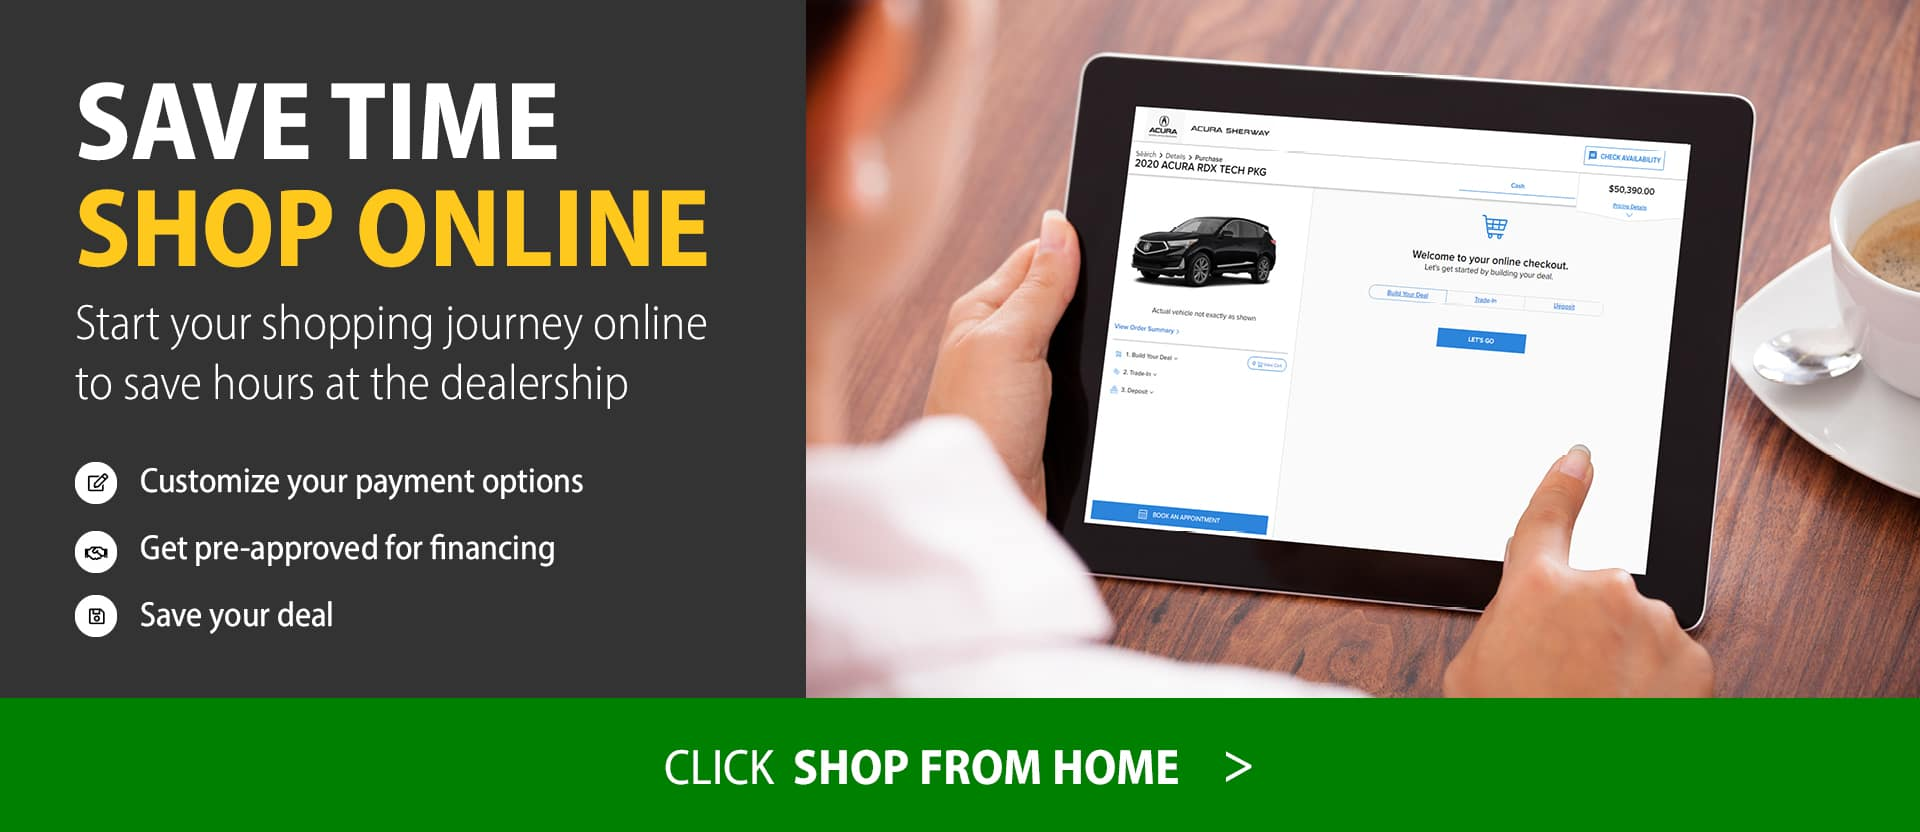 Shop Online desktop banner